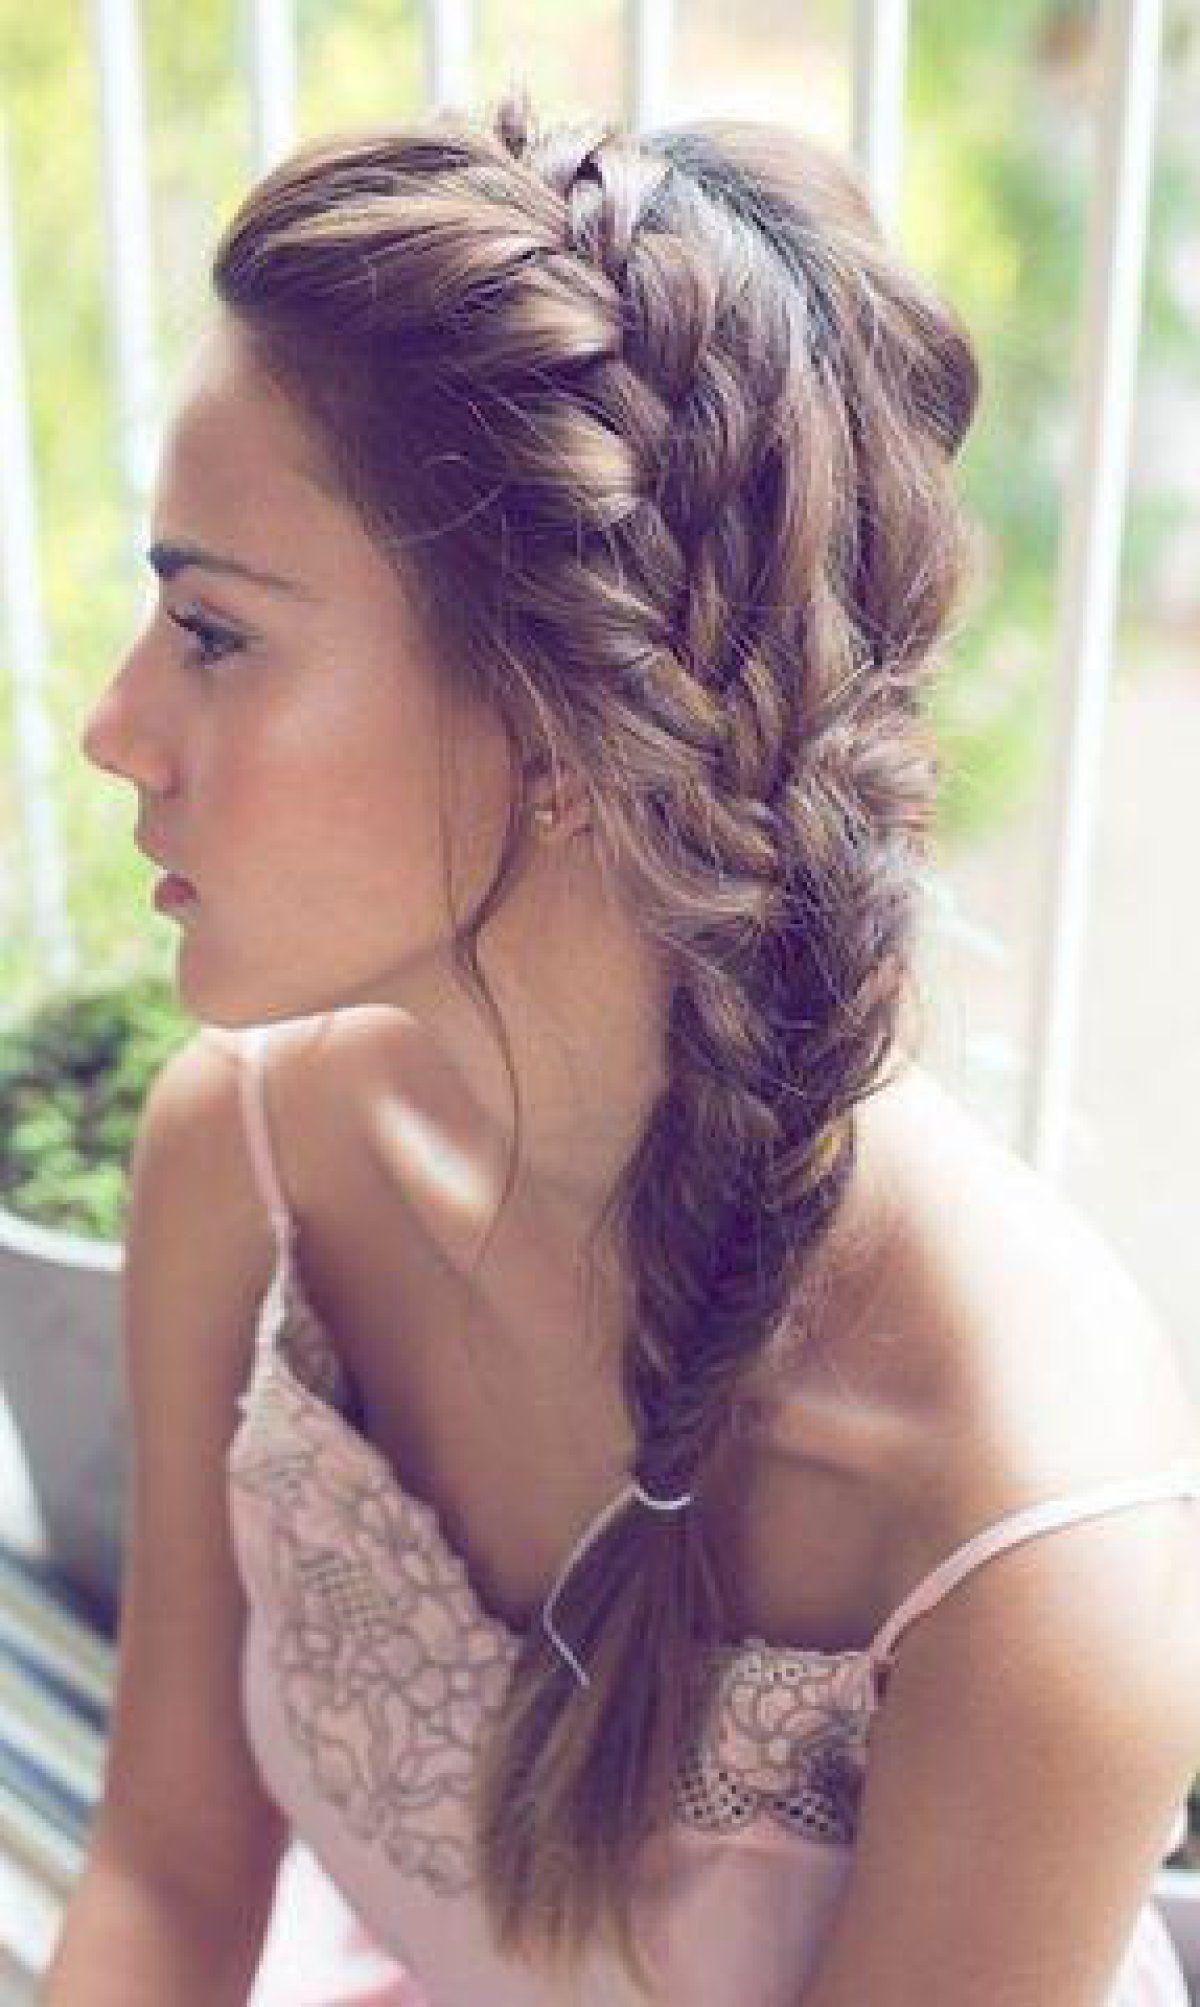 Trenzas que te harán ver chic | Trenza, Peinados y Peinado de fiesta